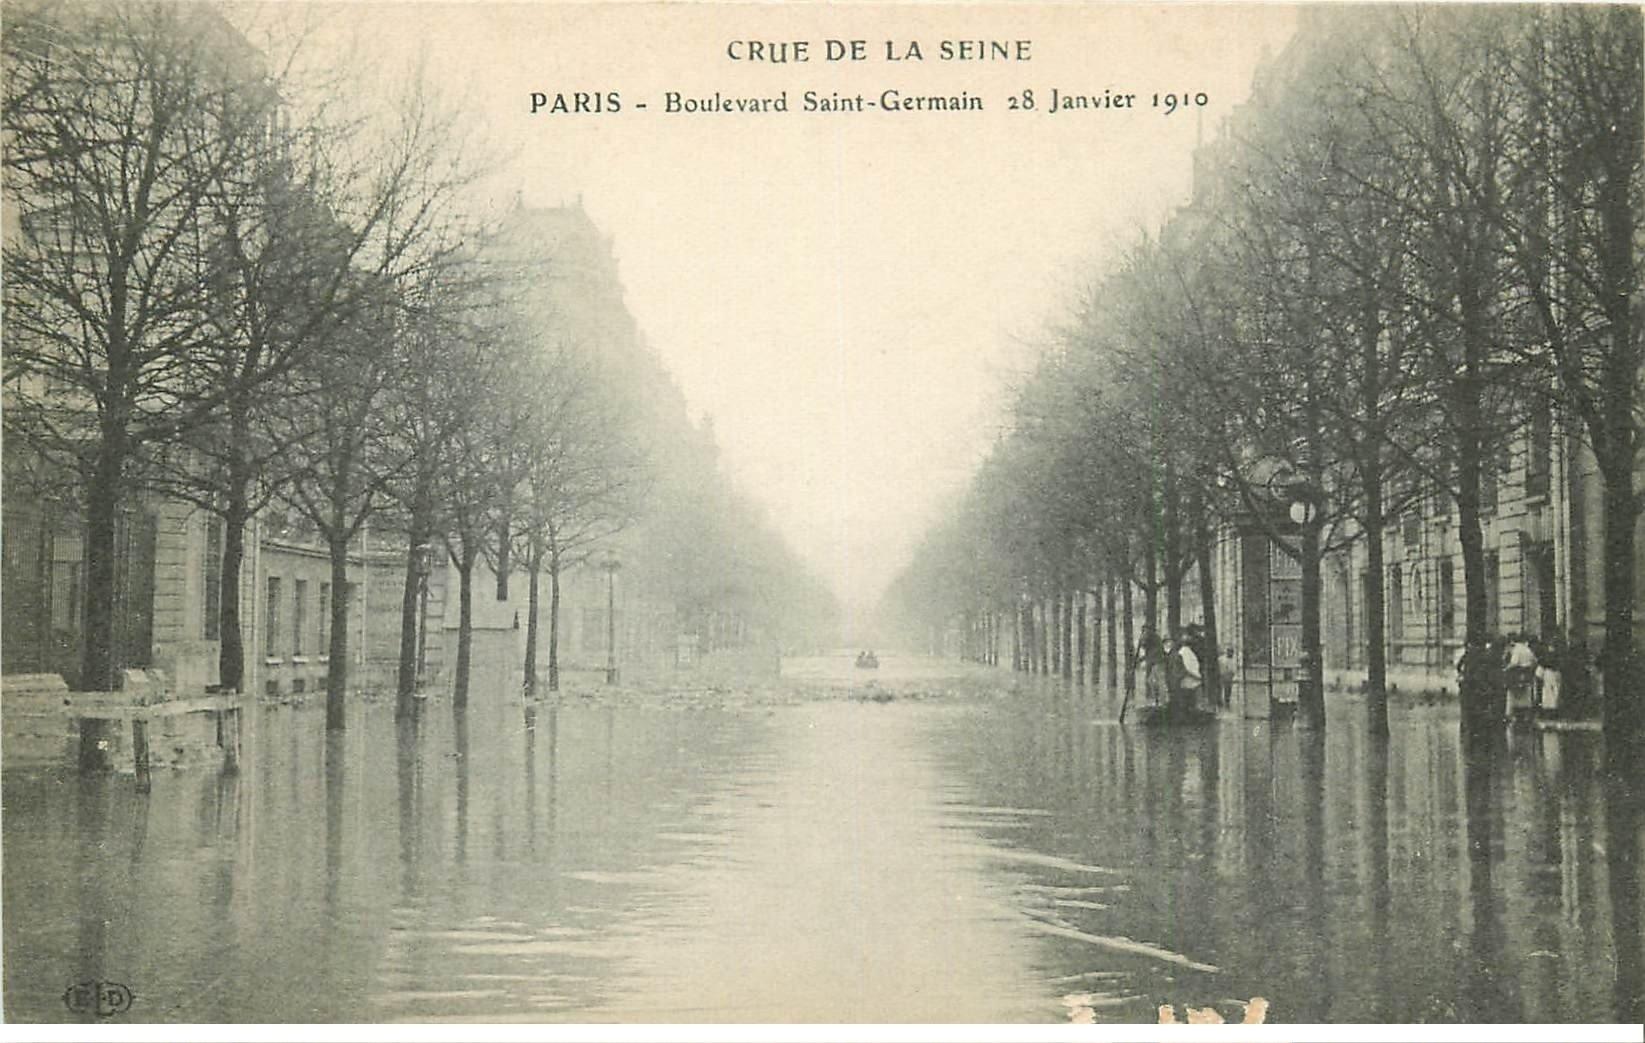 carte postale ancienne INONDATION ET CRUE PARIS 1910. Boulevard Saint-Germain (petit grattage)